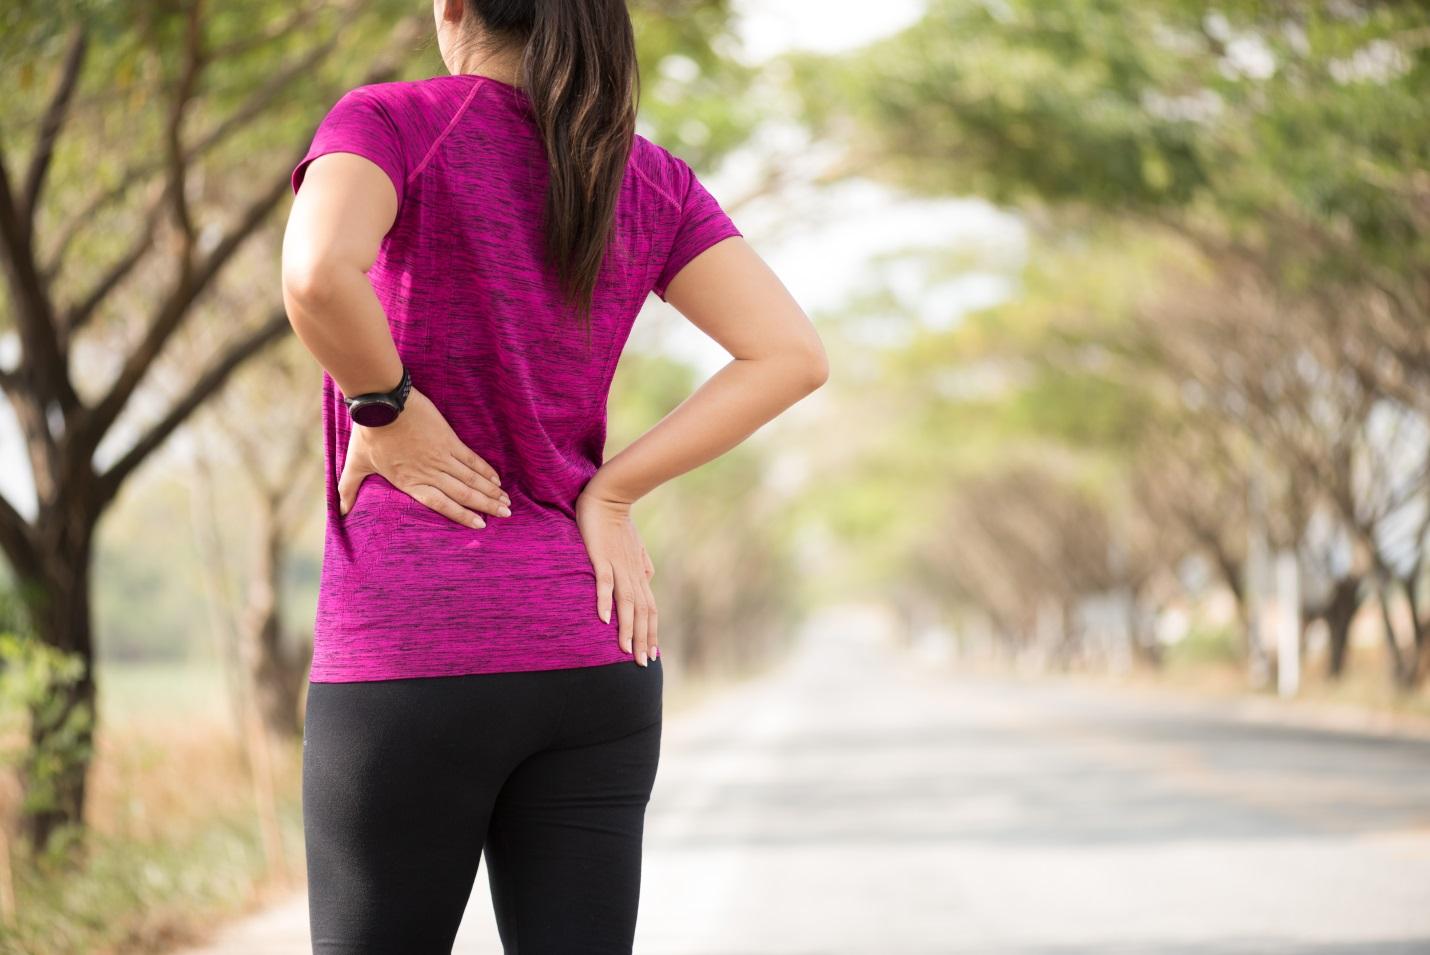 Cegah Pegal Linu, Ini Barang Penting yang Wajib Ada Saat Olahraga Lari